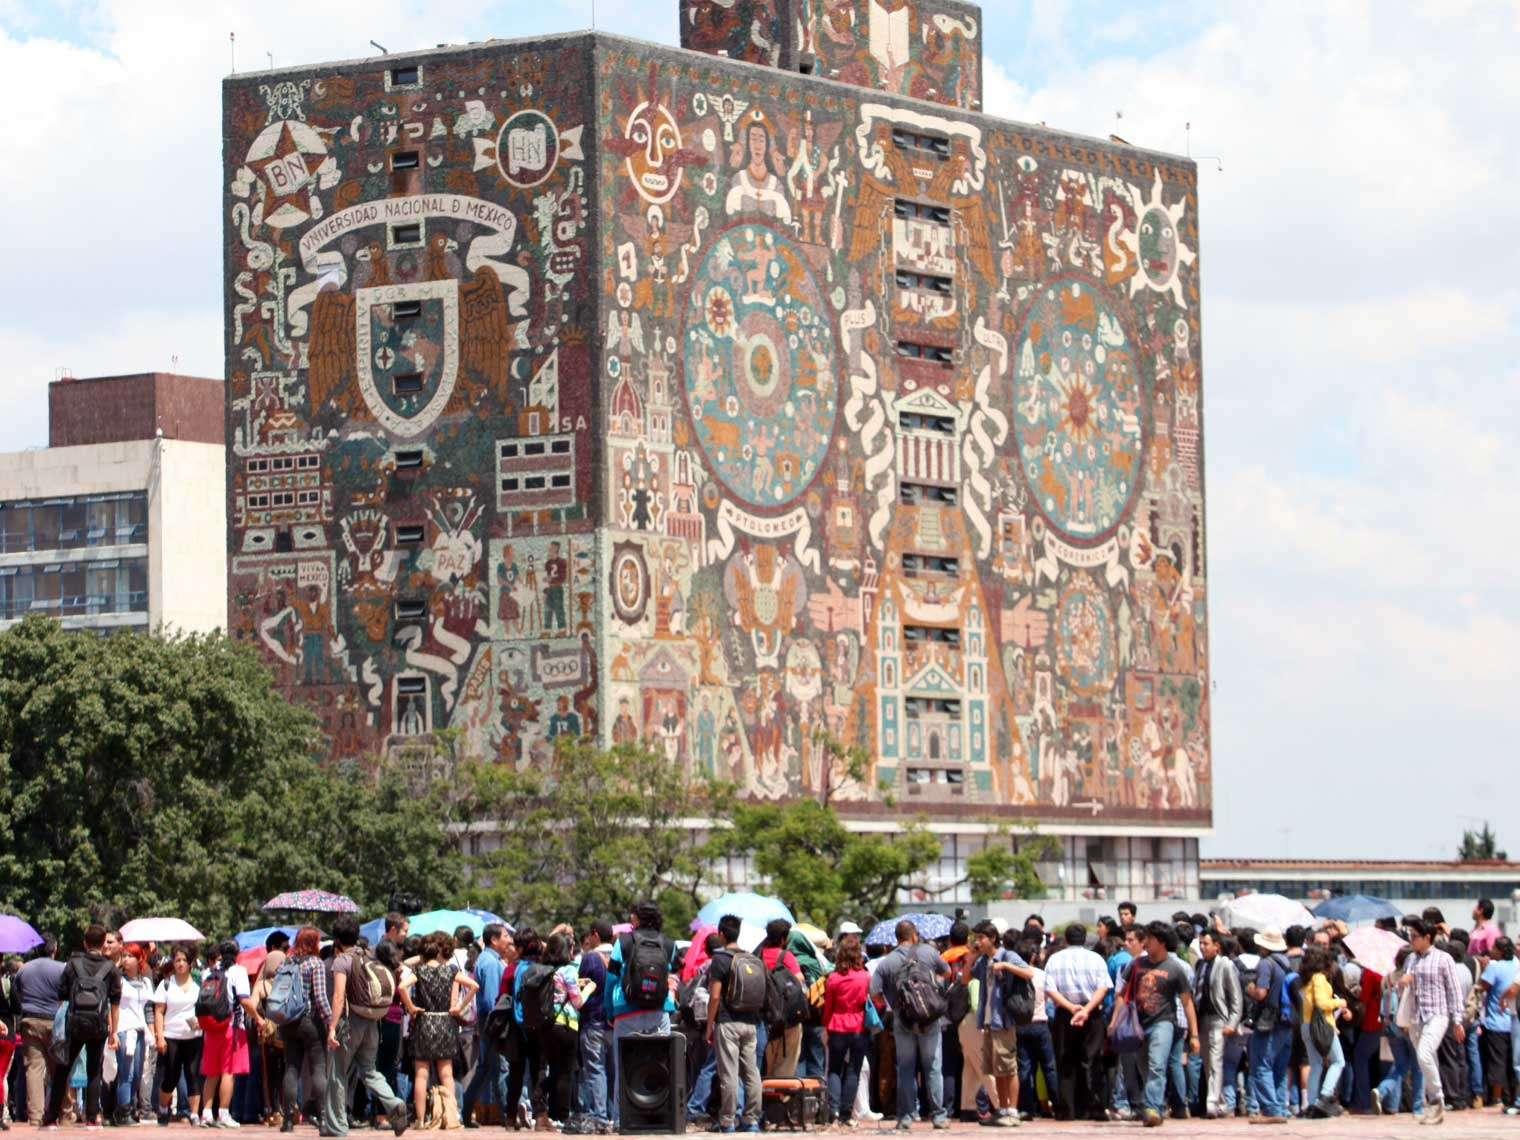 Uno de los organizadores del encuentro, por parte de la UNAM, dijo que el mitin tuvo como objetivo reflejar la solidaridad de los universitarios hacia los compañeros del Politécnico que llevan a cabo un paro y tienen demandas construidas en asambleas. Foto: Terra